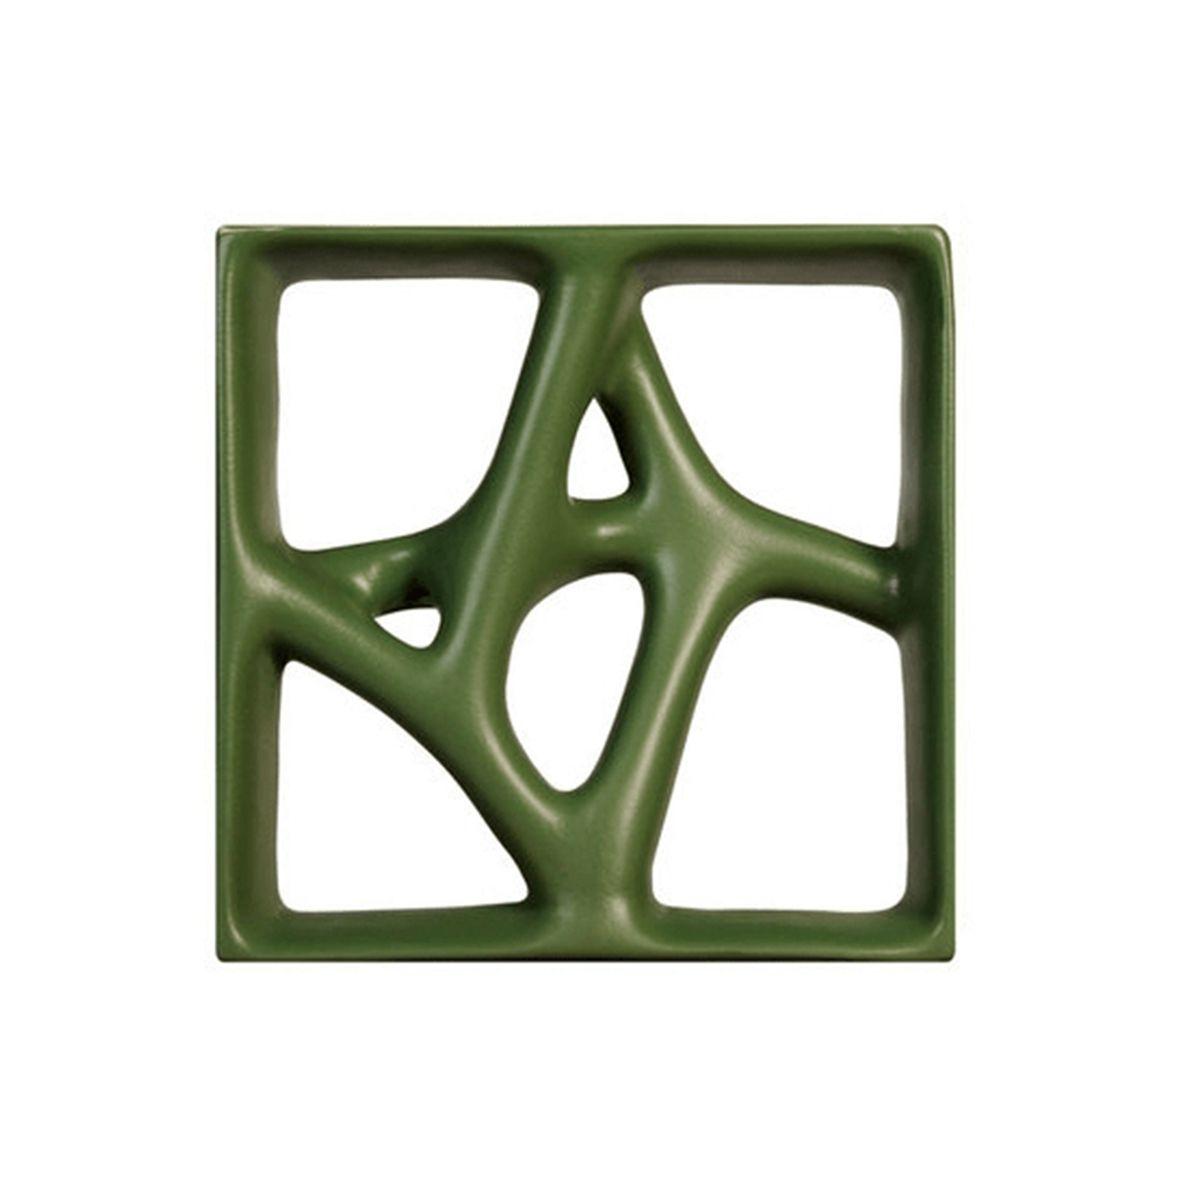 Cobogó Rizoma Peça B - Esmaltado - 29,5x29,5cm